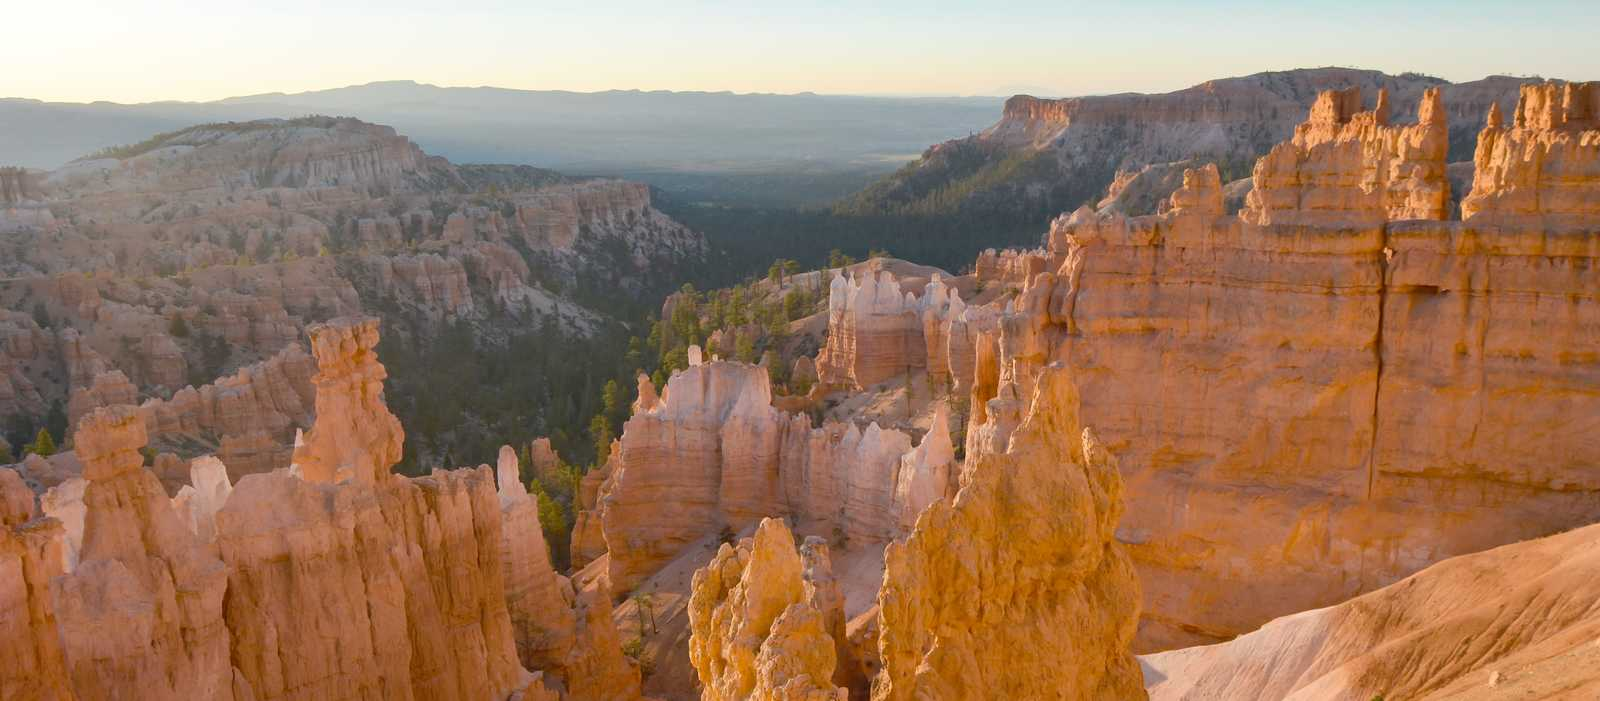 Ausblick über die Weiten des Bryce-Canyon-Nationalparks in Utah